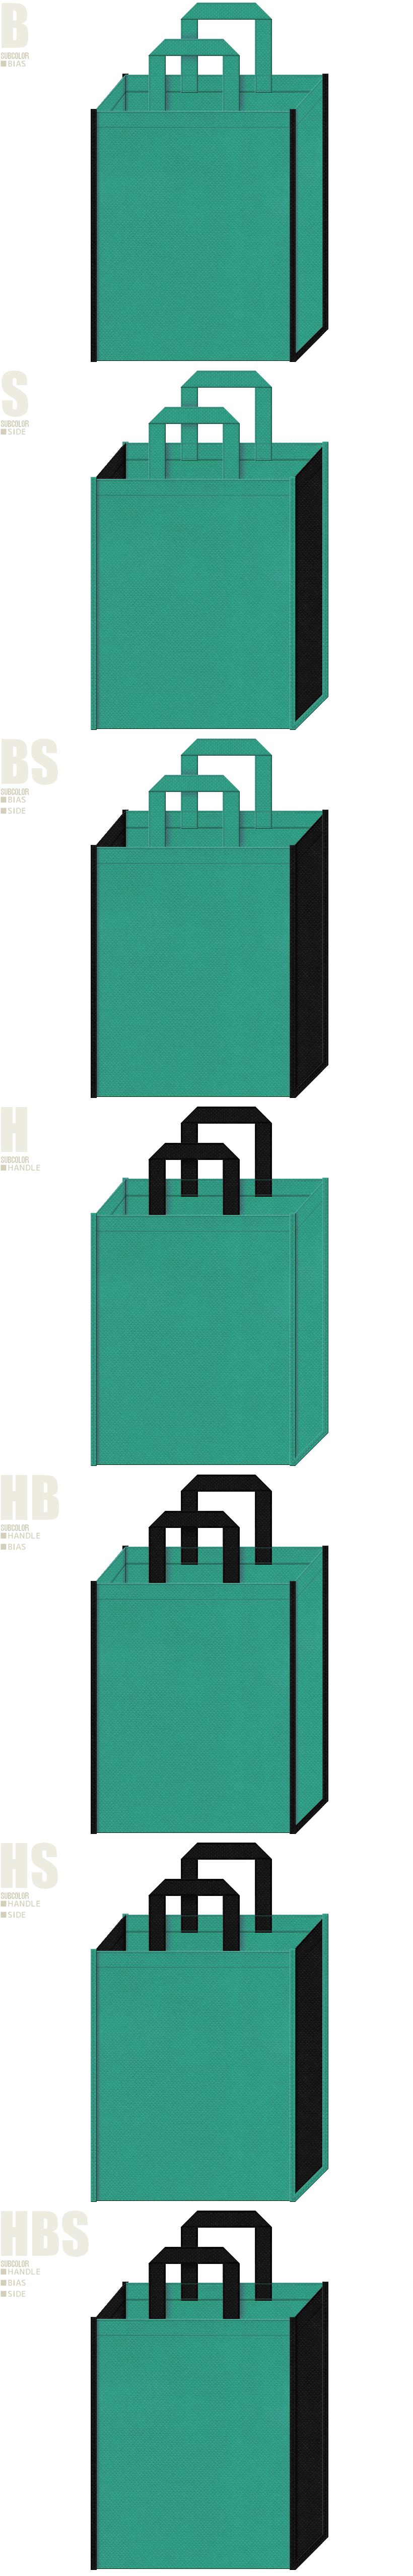 ユニフォーム・運動靴・アウトドア・スポーツイベント・スポーティーファッション・スポーツ用品の展示会用バッグにお奨めの不織布バッグデザイン:青緑色と黒色の配色7パターン